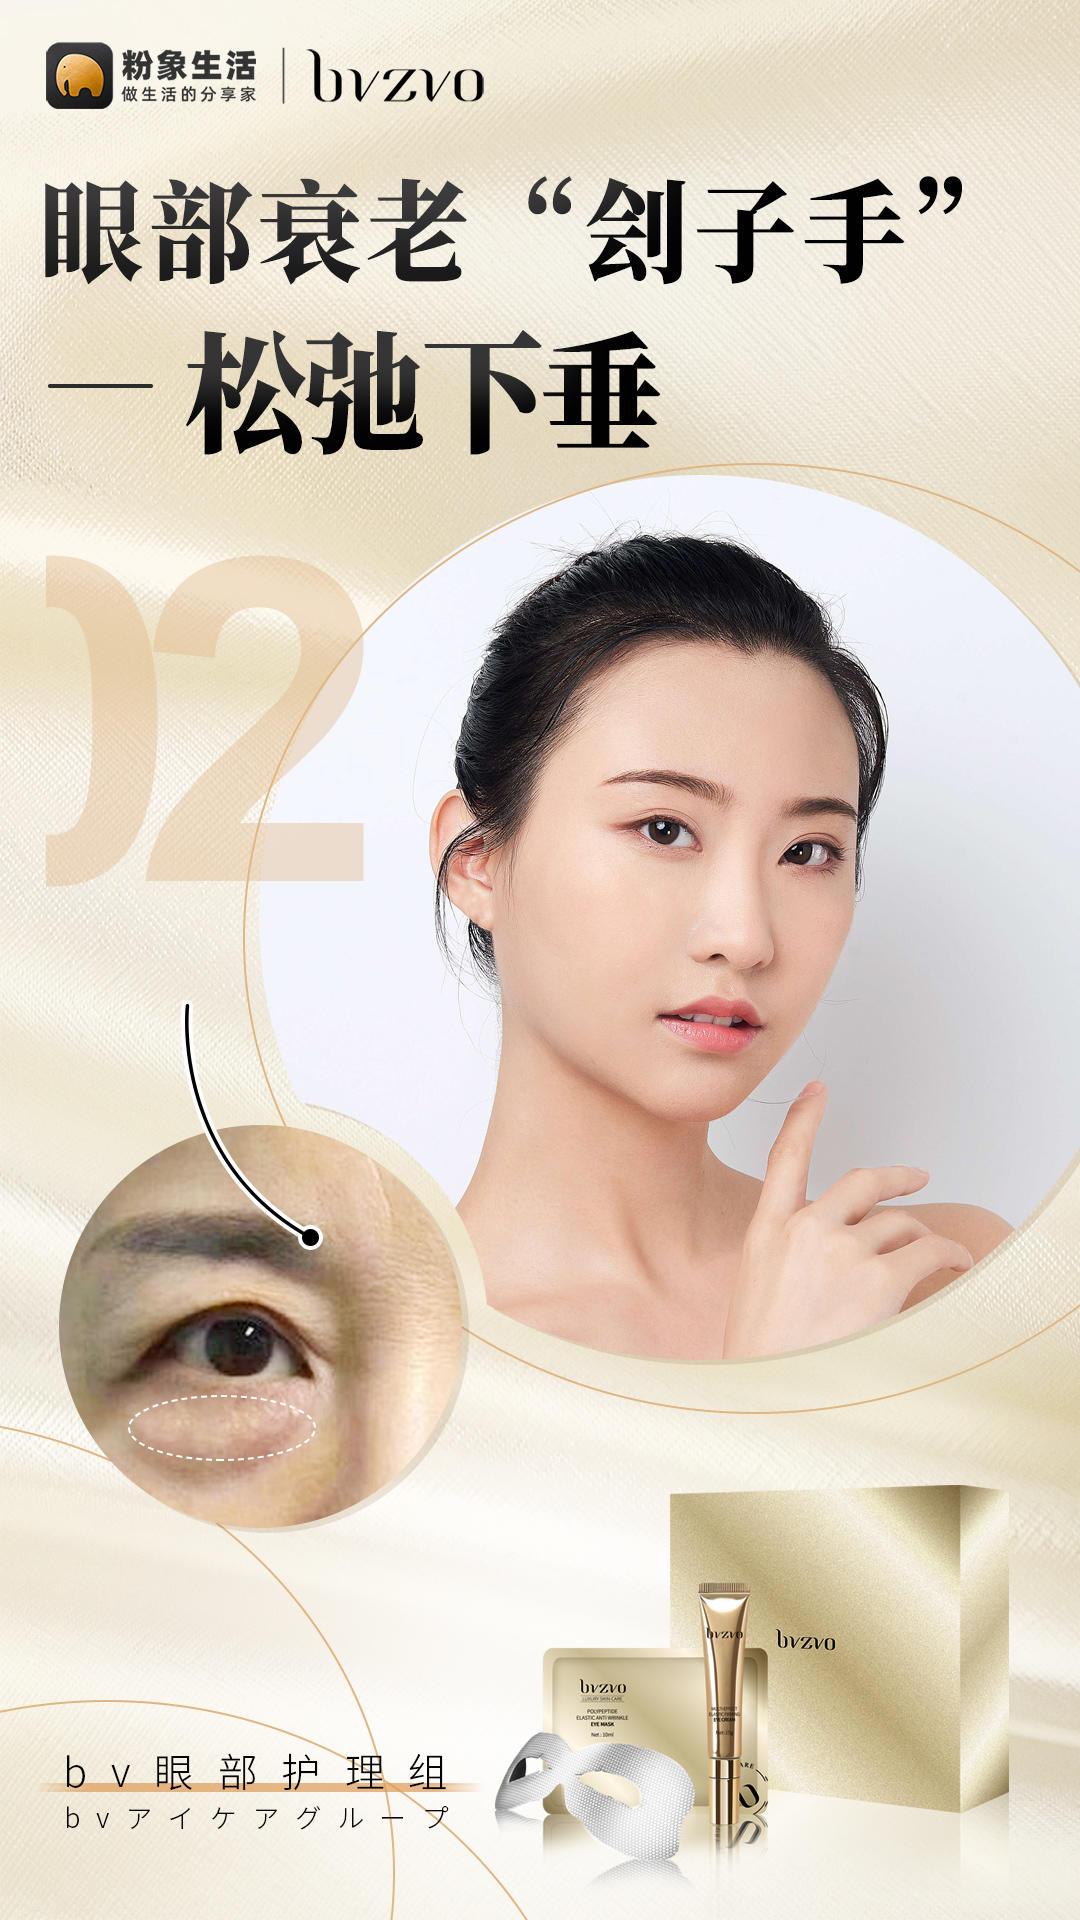 一提及眼袋,给人的印象总是倦怠和老态,好像眼袋是老年人的专利。所以说,眼袋也是显老的特征点。